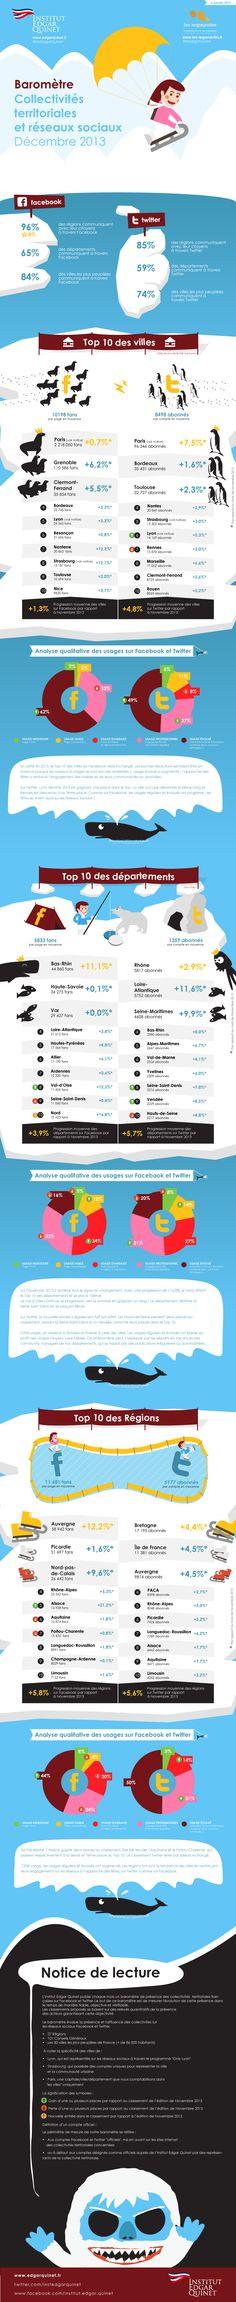 """Découvrez le baromètre de Décembre 2013 """"Collectivités territoriales et réseaux sociaux"""". Le #basrhin garde son classement: 1er département sur Facebook et 4e département sur Twitter! Merci à tous!"""